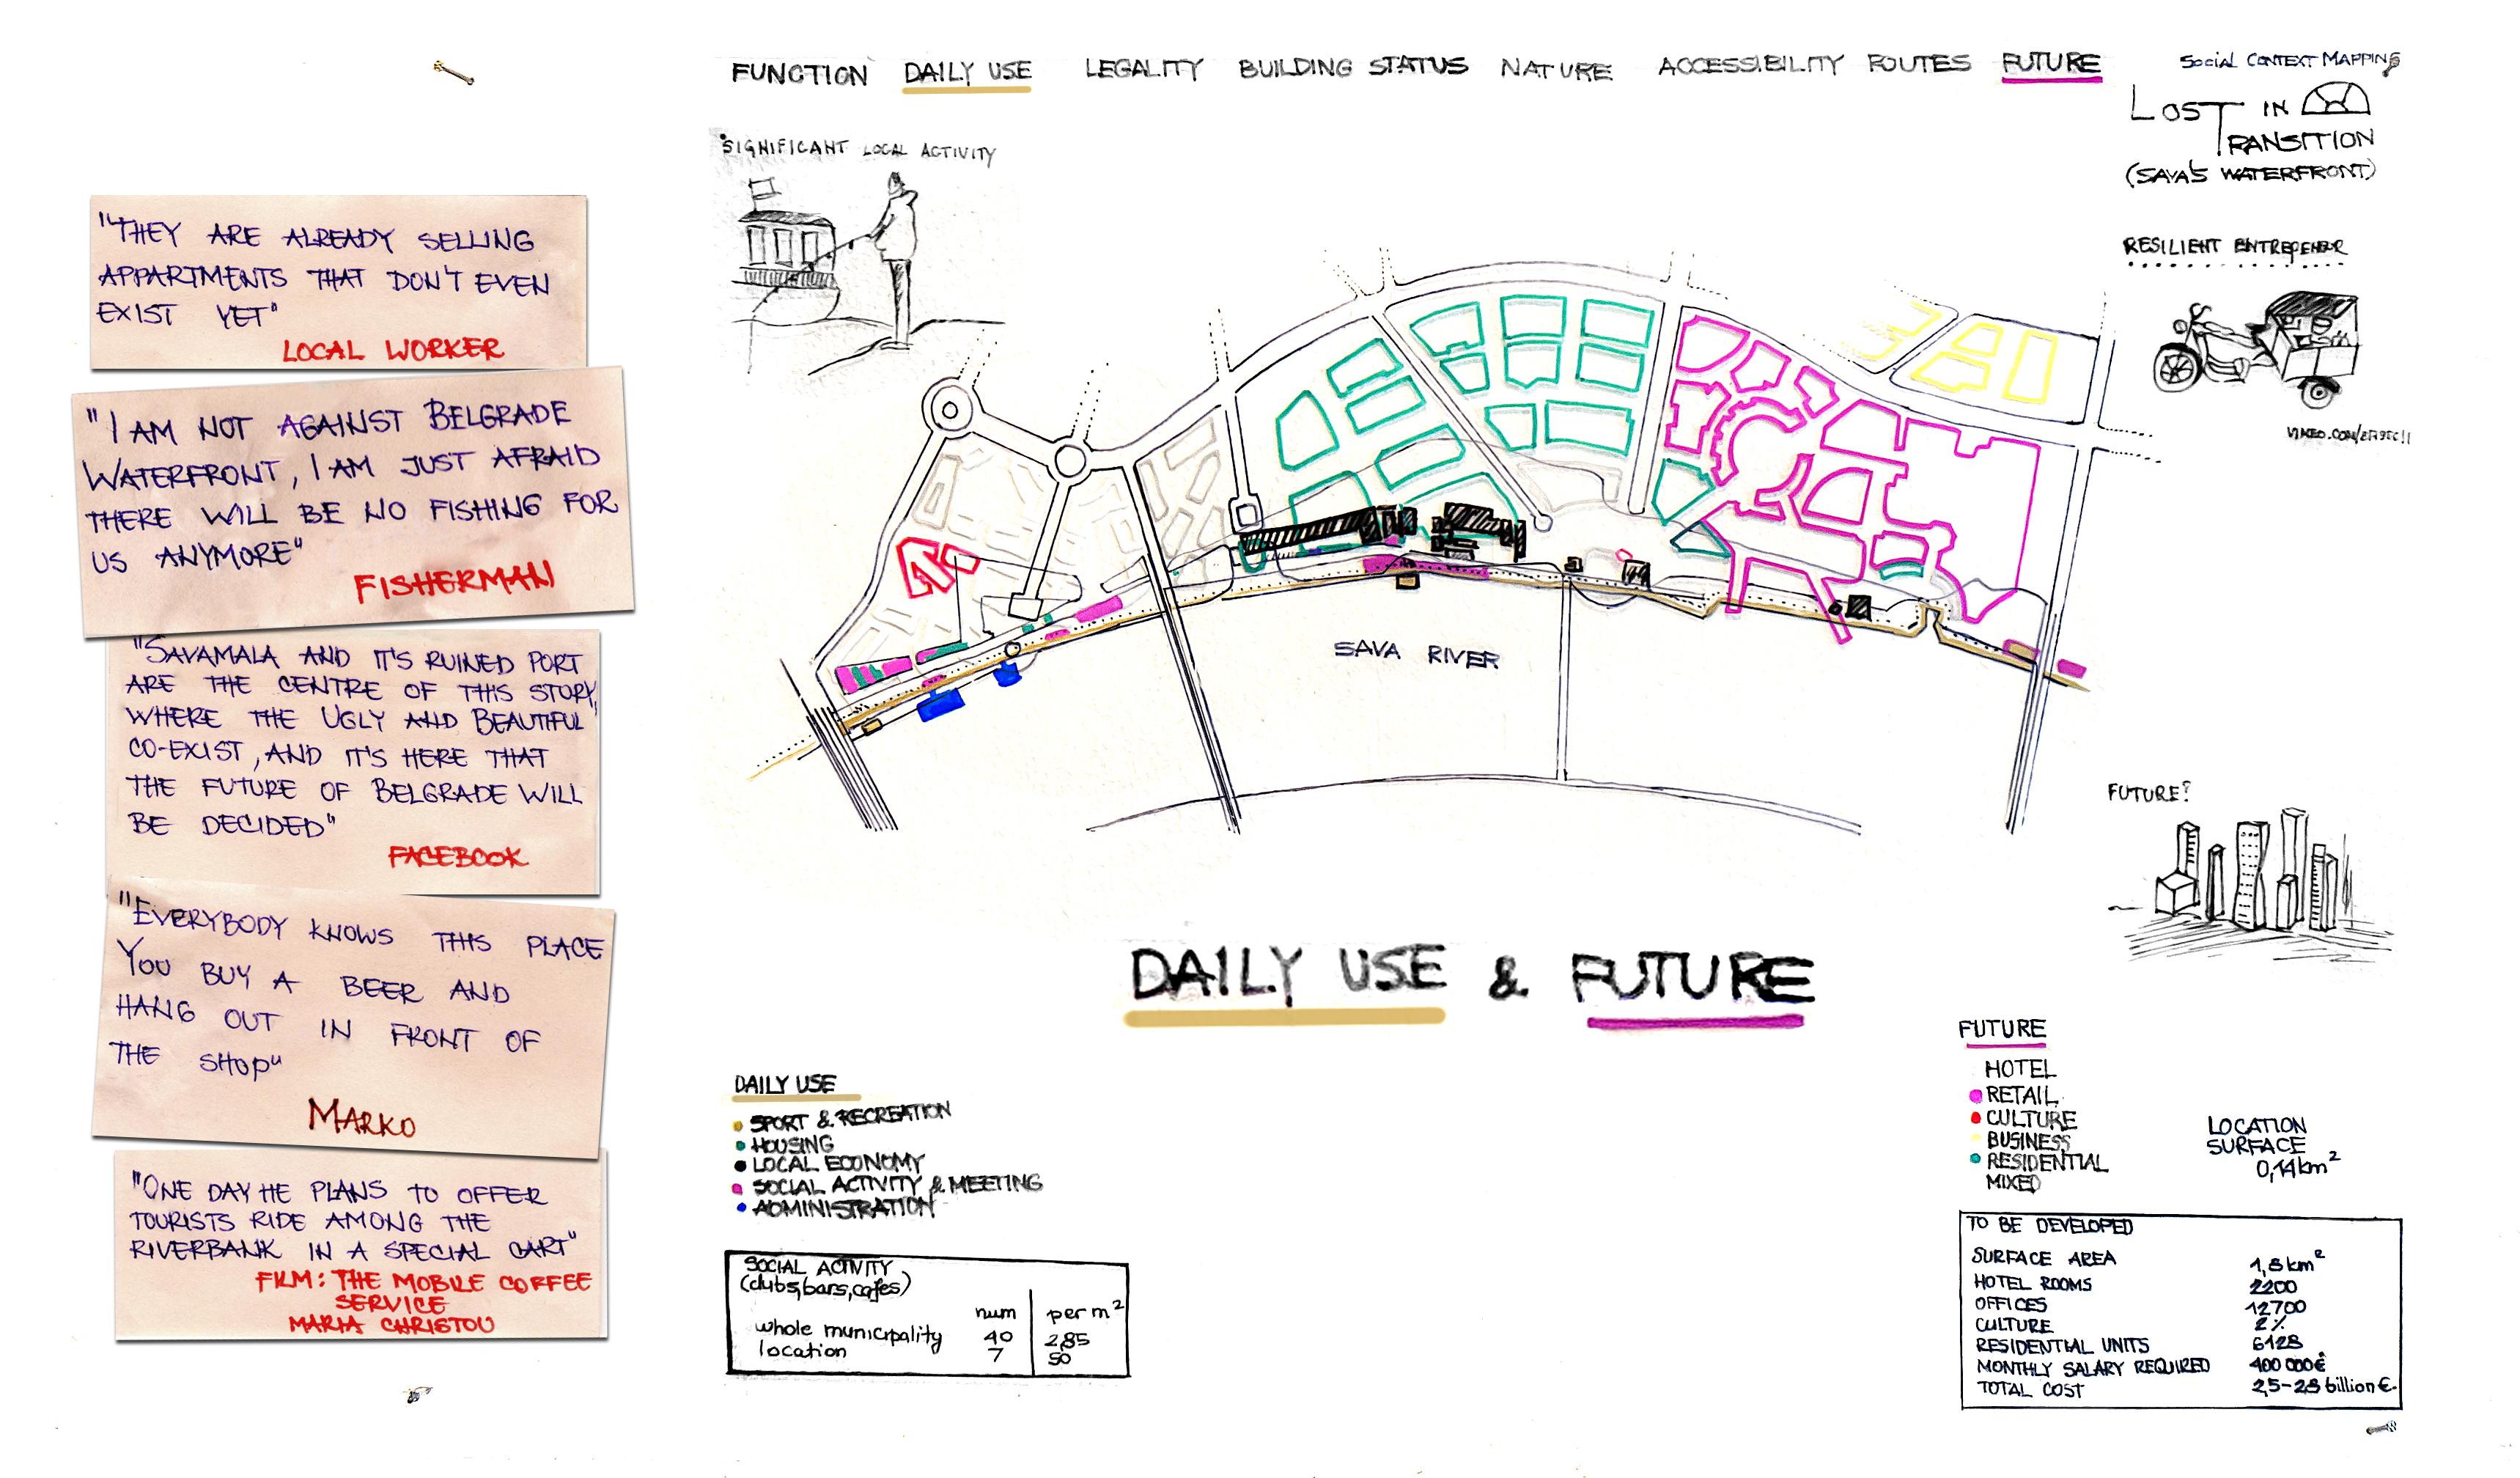 Future&daily Use